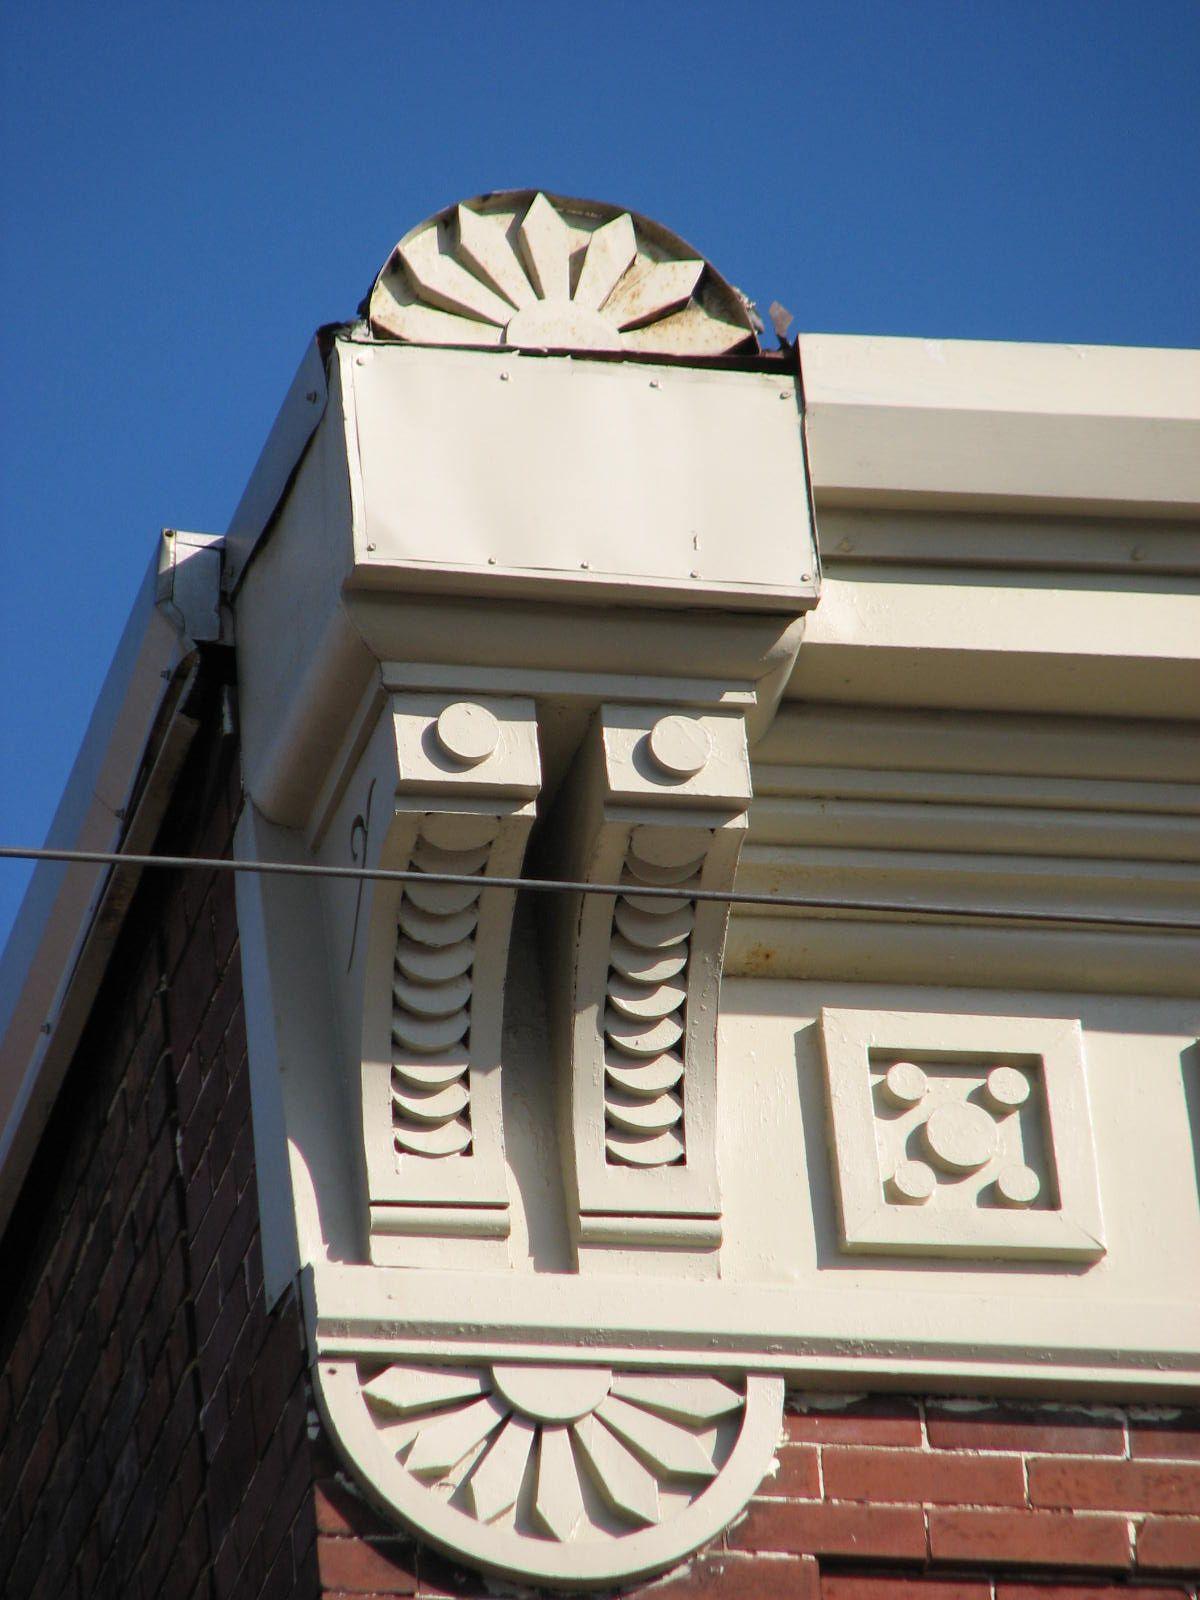 Cornice corner. Historic buildings, Architecture